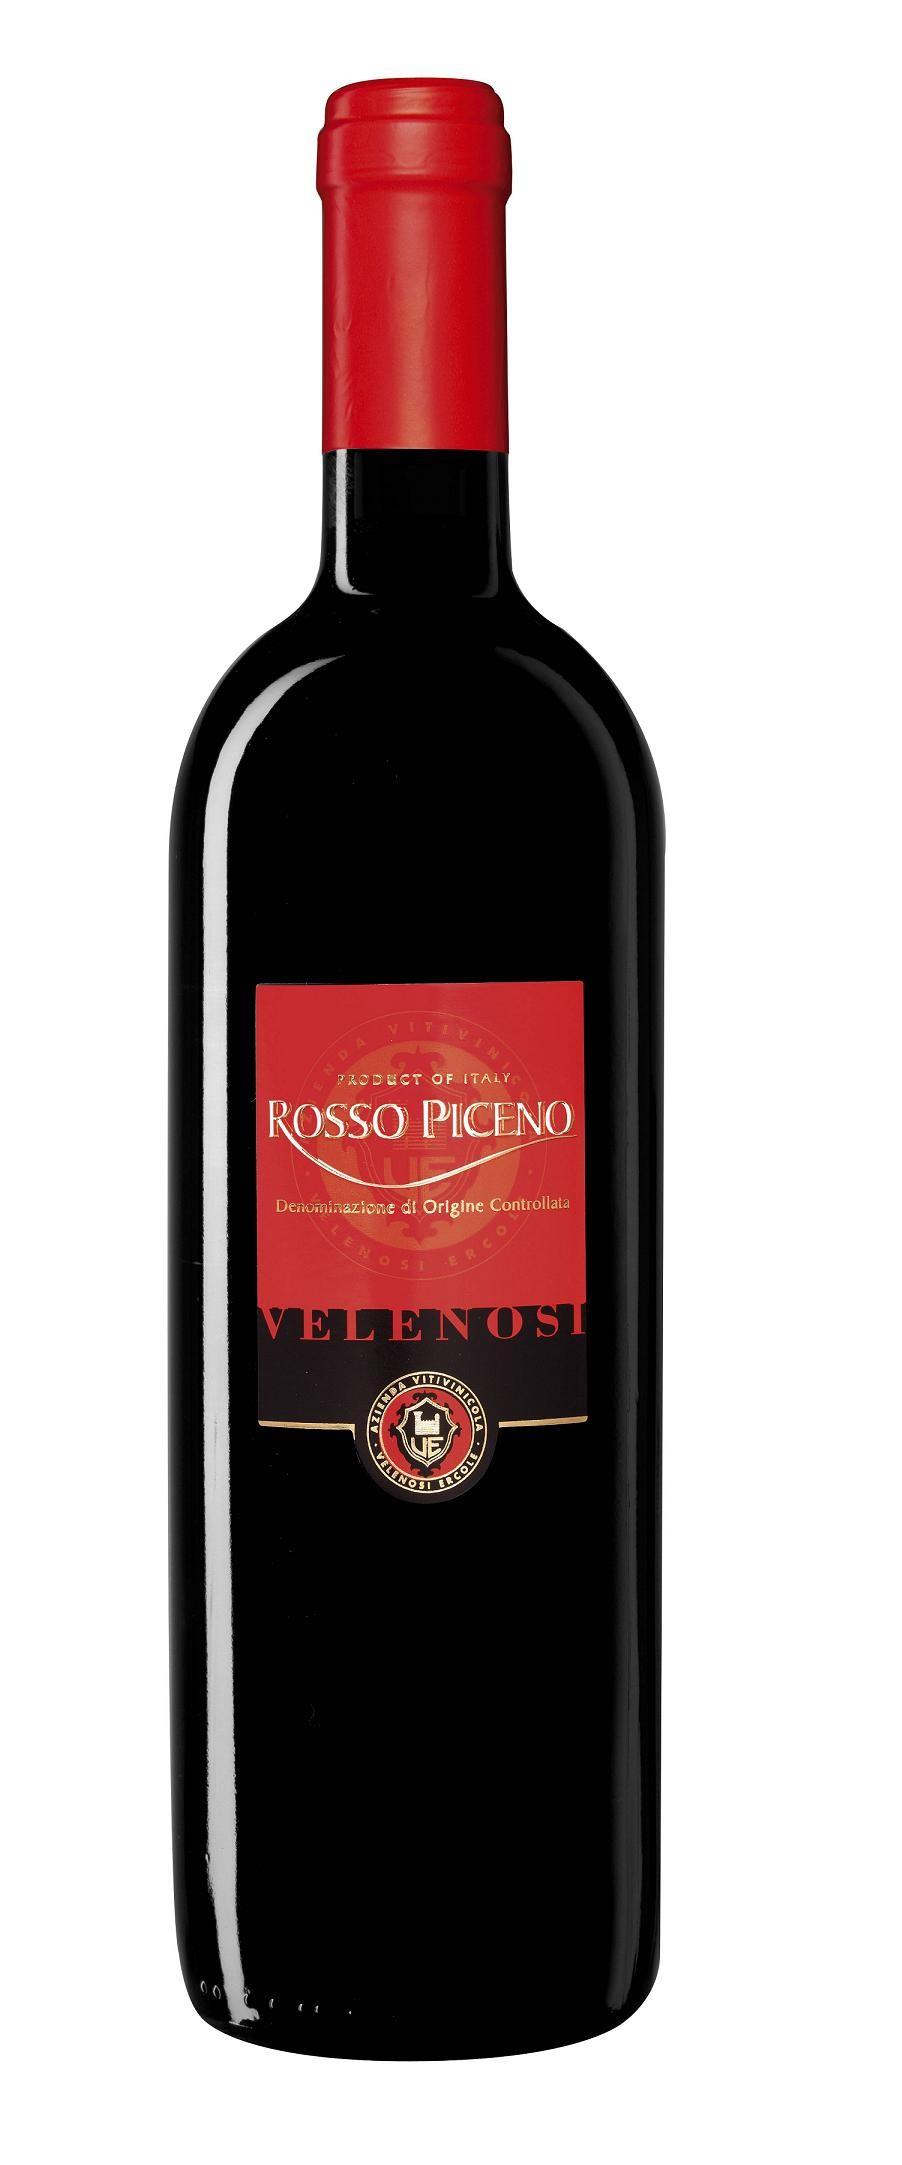 Rosso Piceno 2016 Velenosi DOC 0,75l.